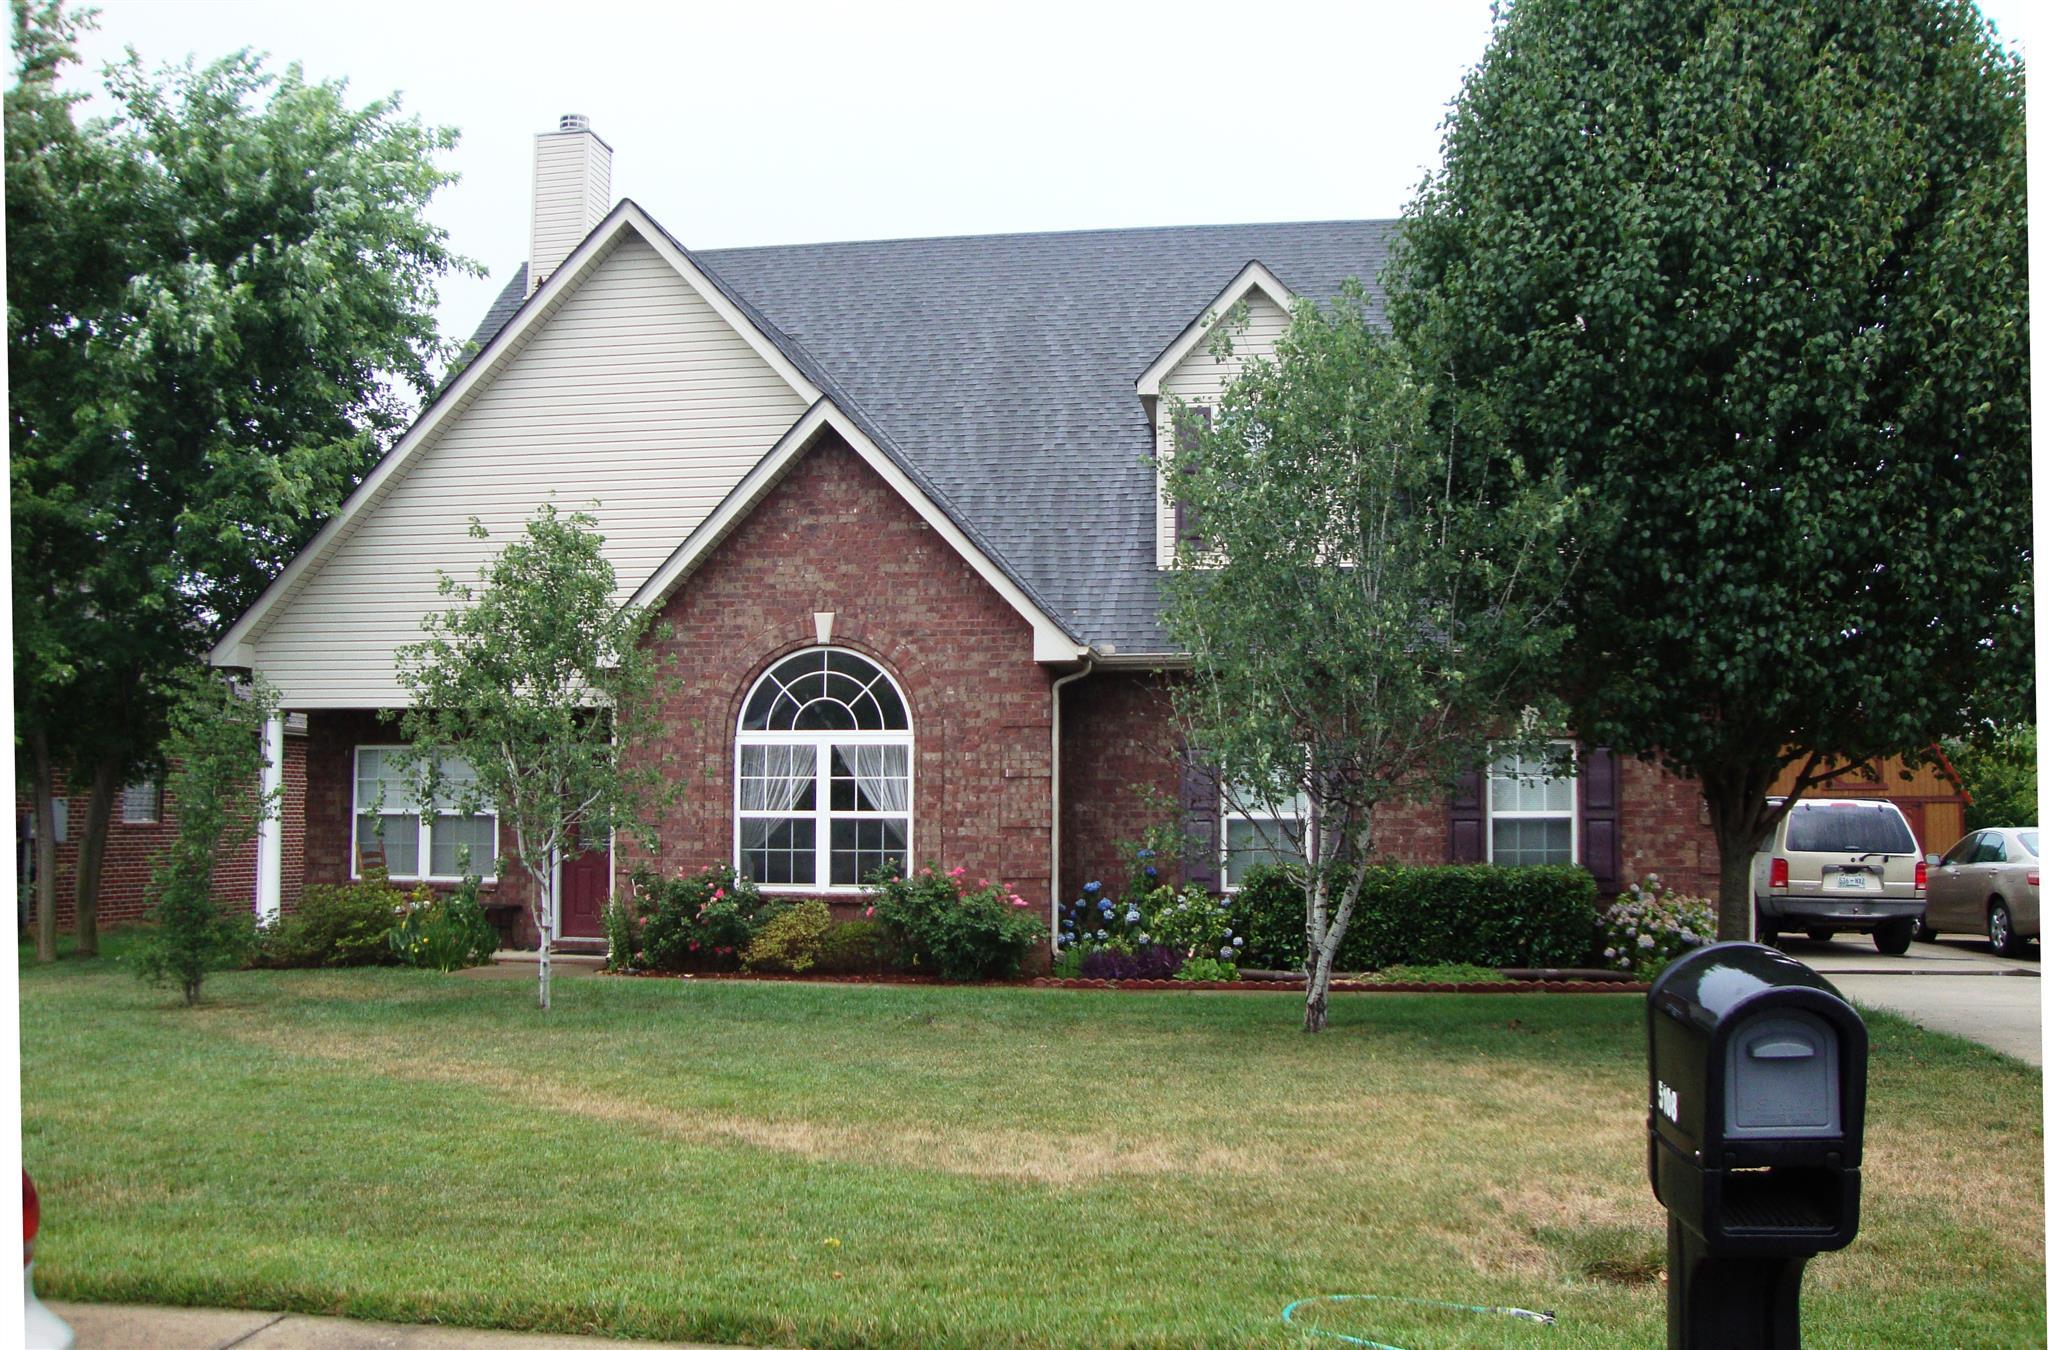 5108 Bumblebee Dr, Murfreesboro, TN 37129